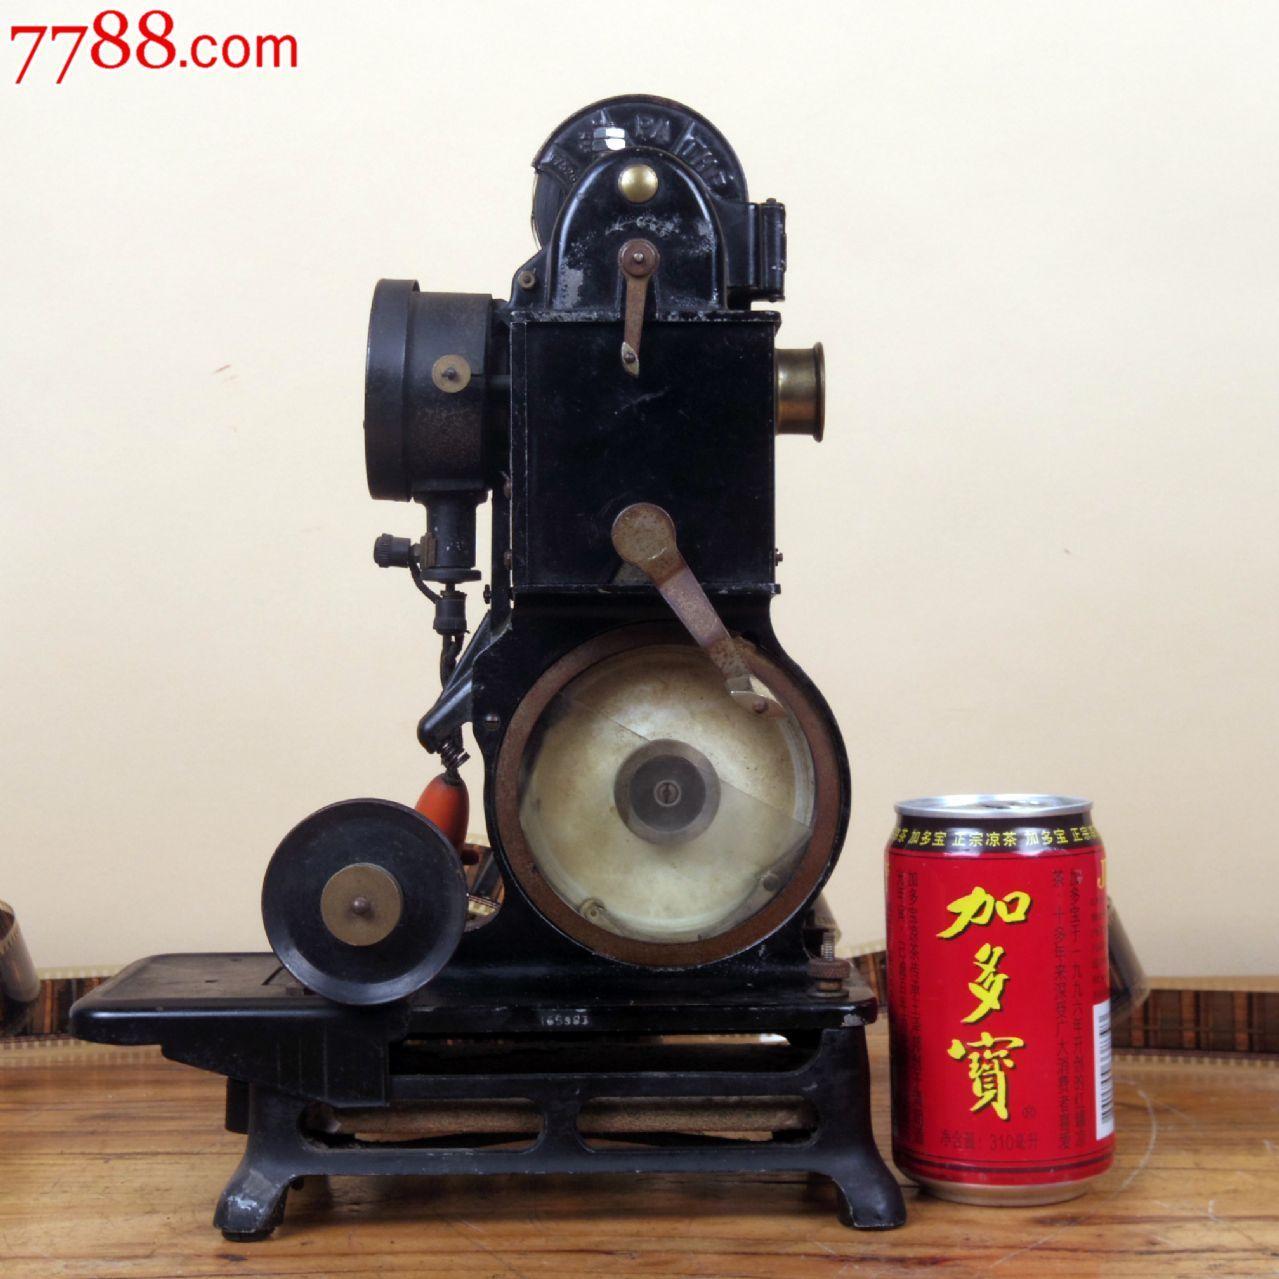 5毫米9.5mm电影机放映机手摇图片